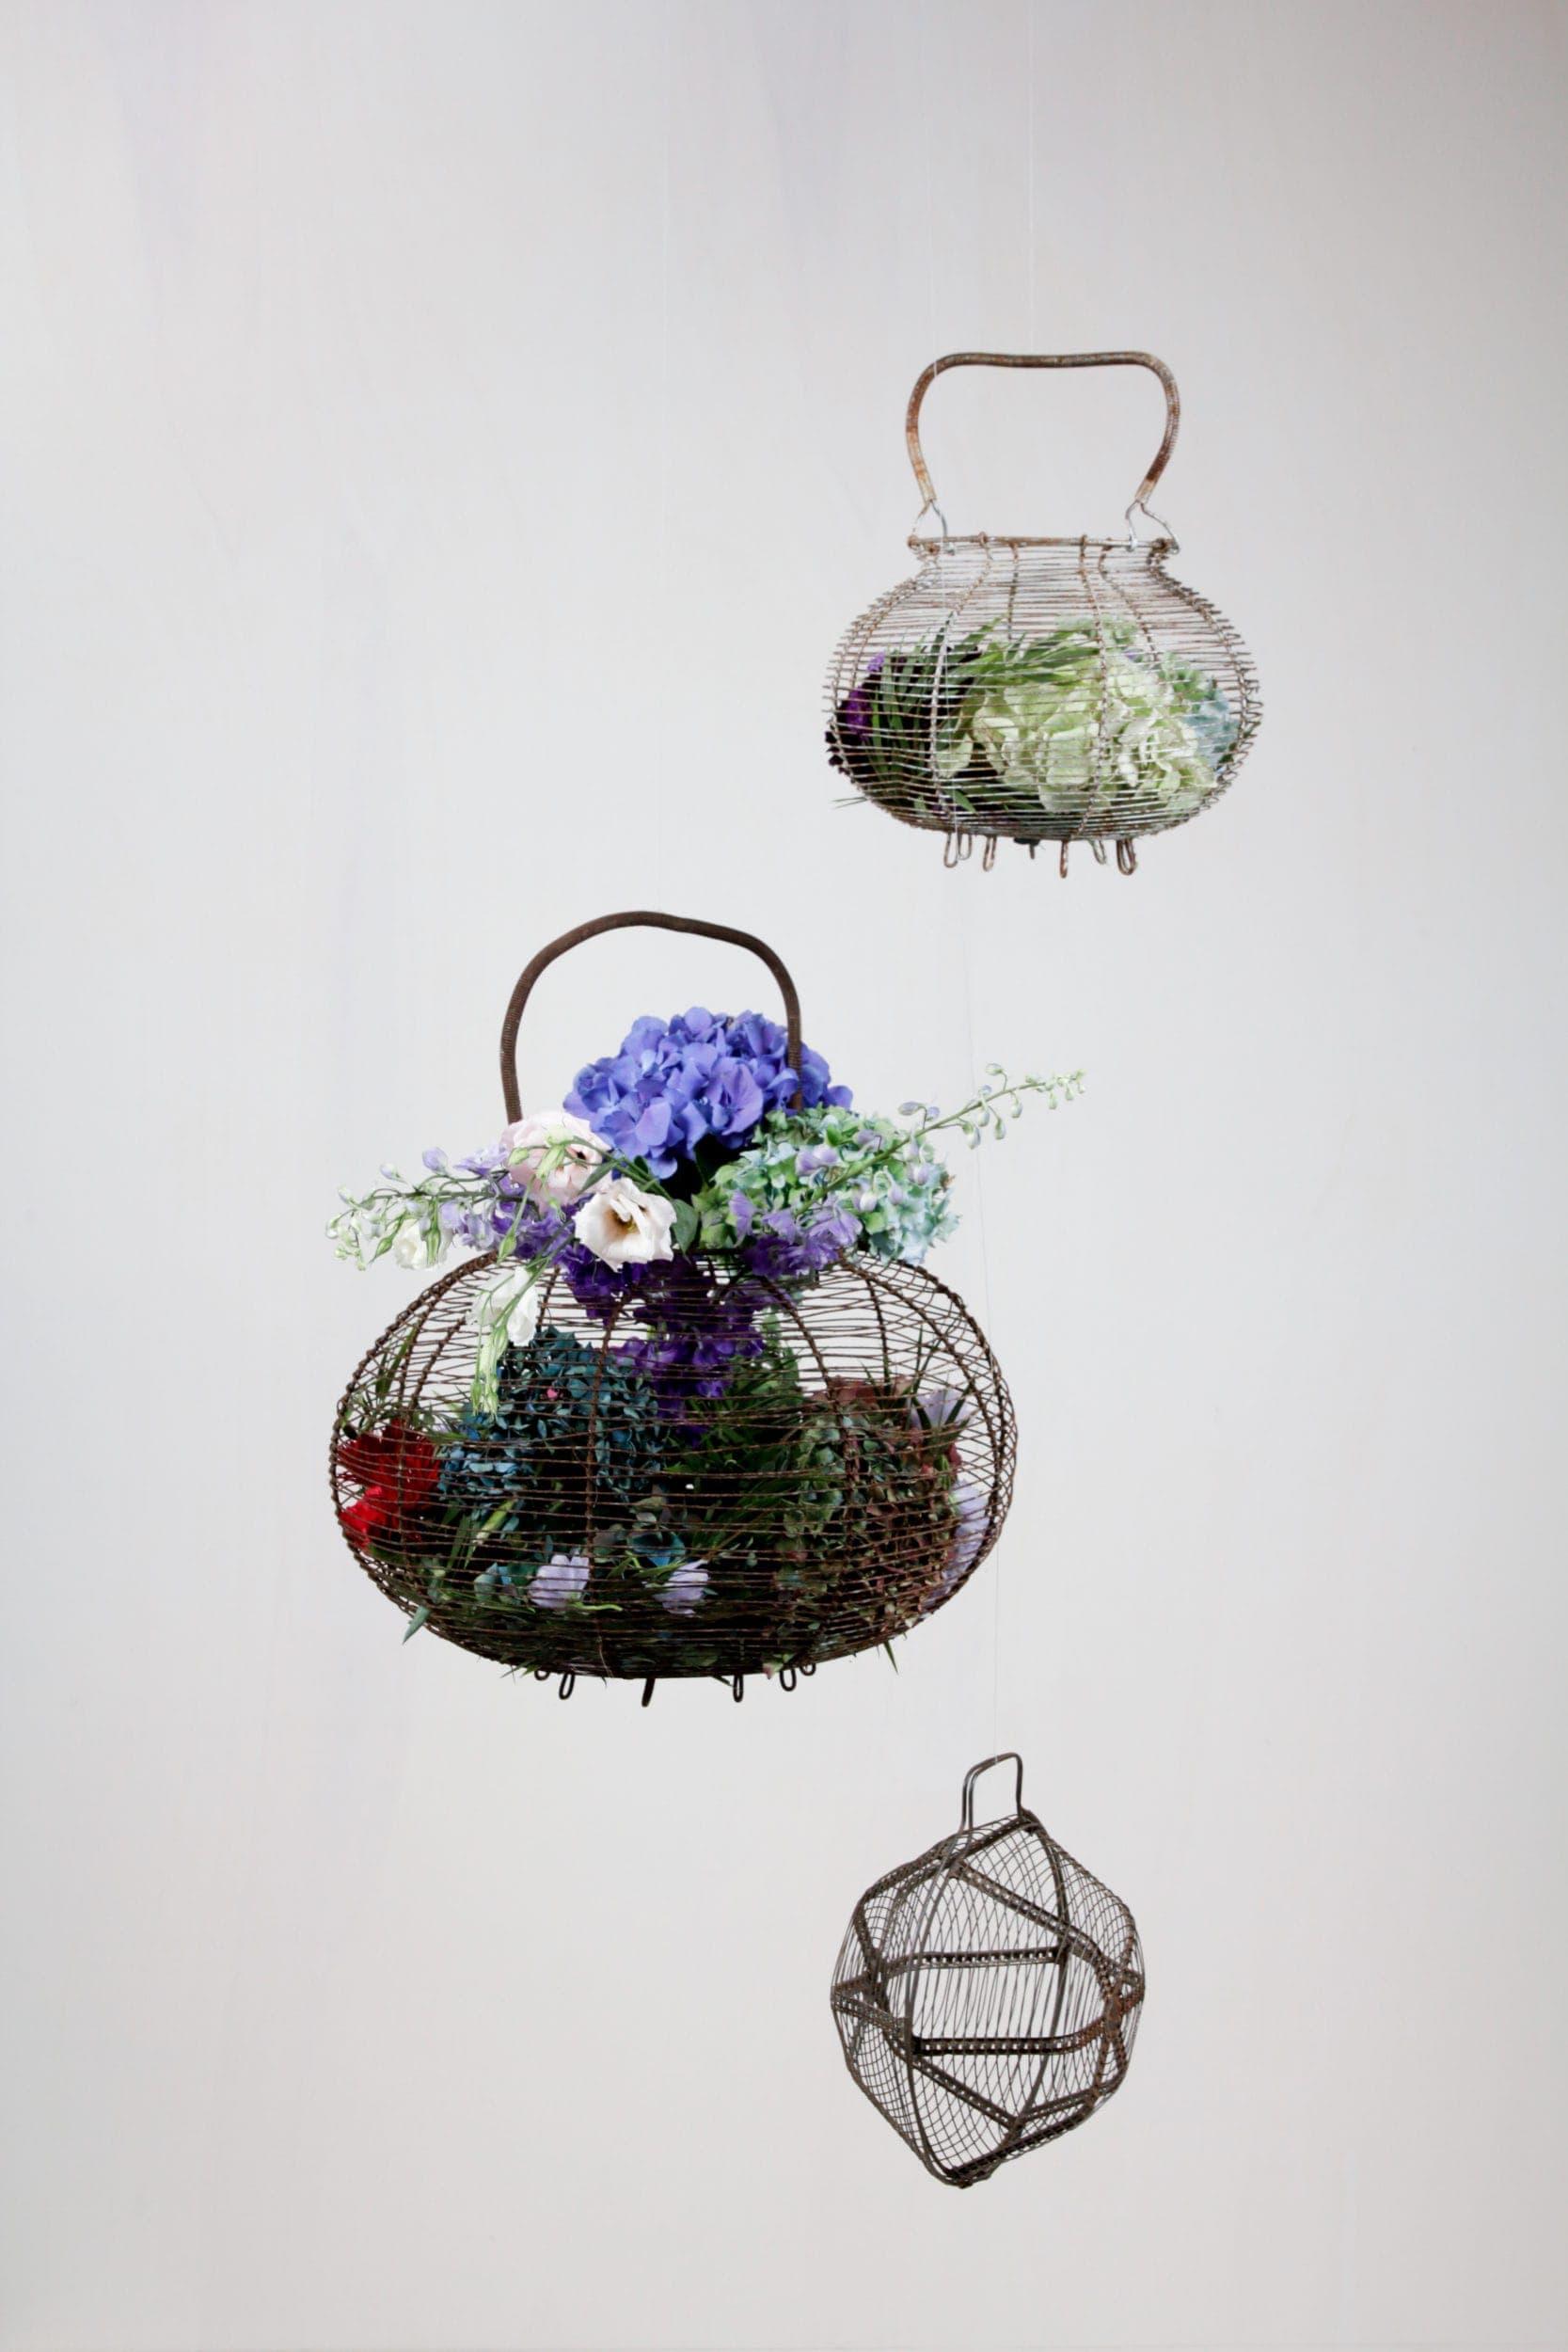 Eventausstattun, Dekoration, hängender Blumenkorb mieten